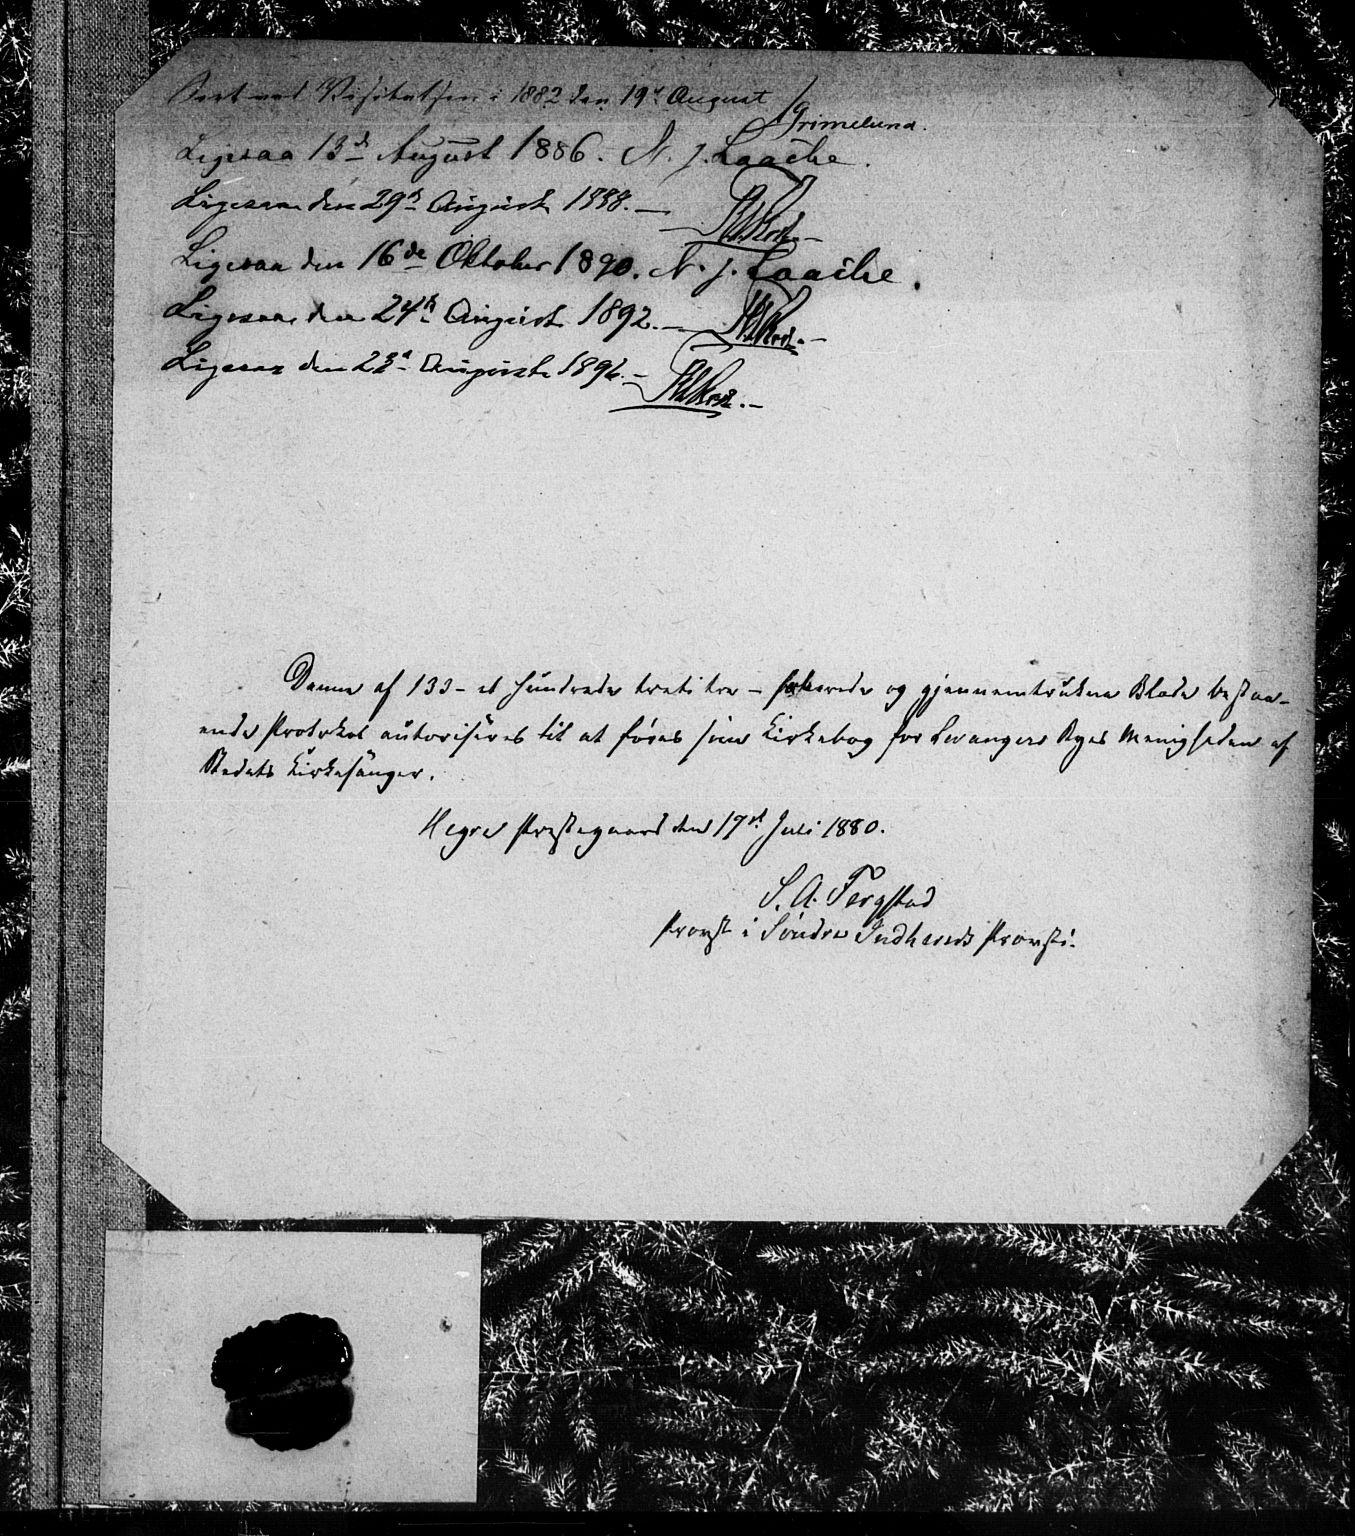 SAT, Ministerialprotokoller, klokkerbøker og fødselsregistre - Nord-Trøndelag, 720/L0192: Klokkerbok nr. 720C01, 1880-1917